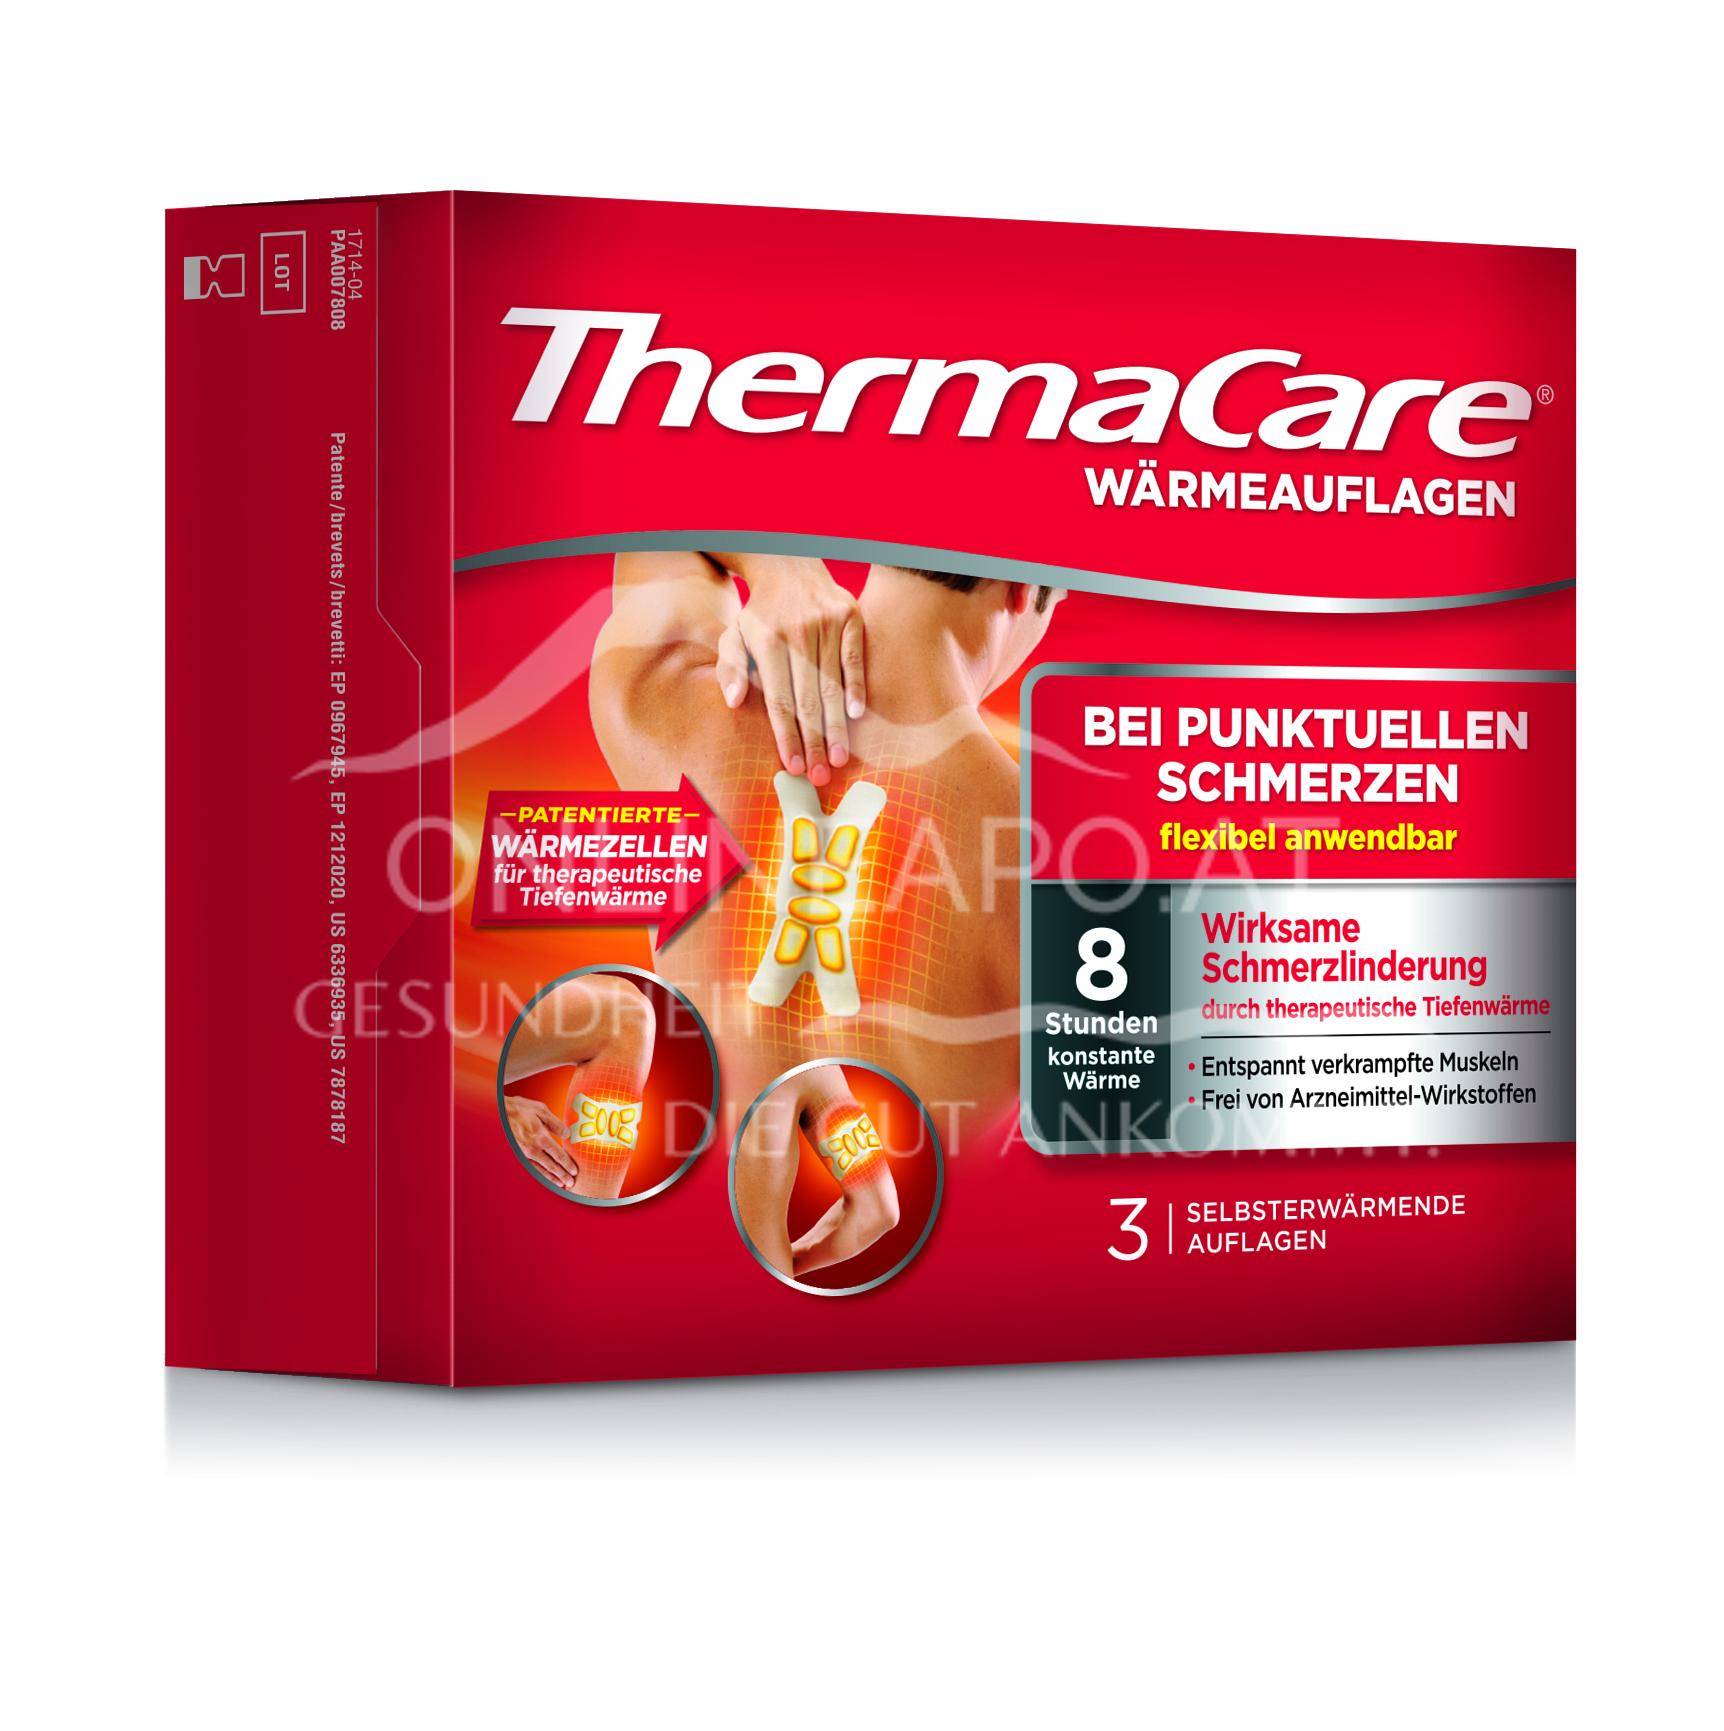 ThermaCare® Wärmeauflagen für flexible Anwendung